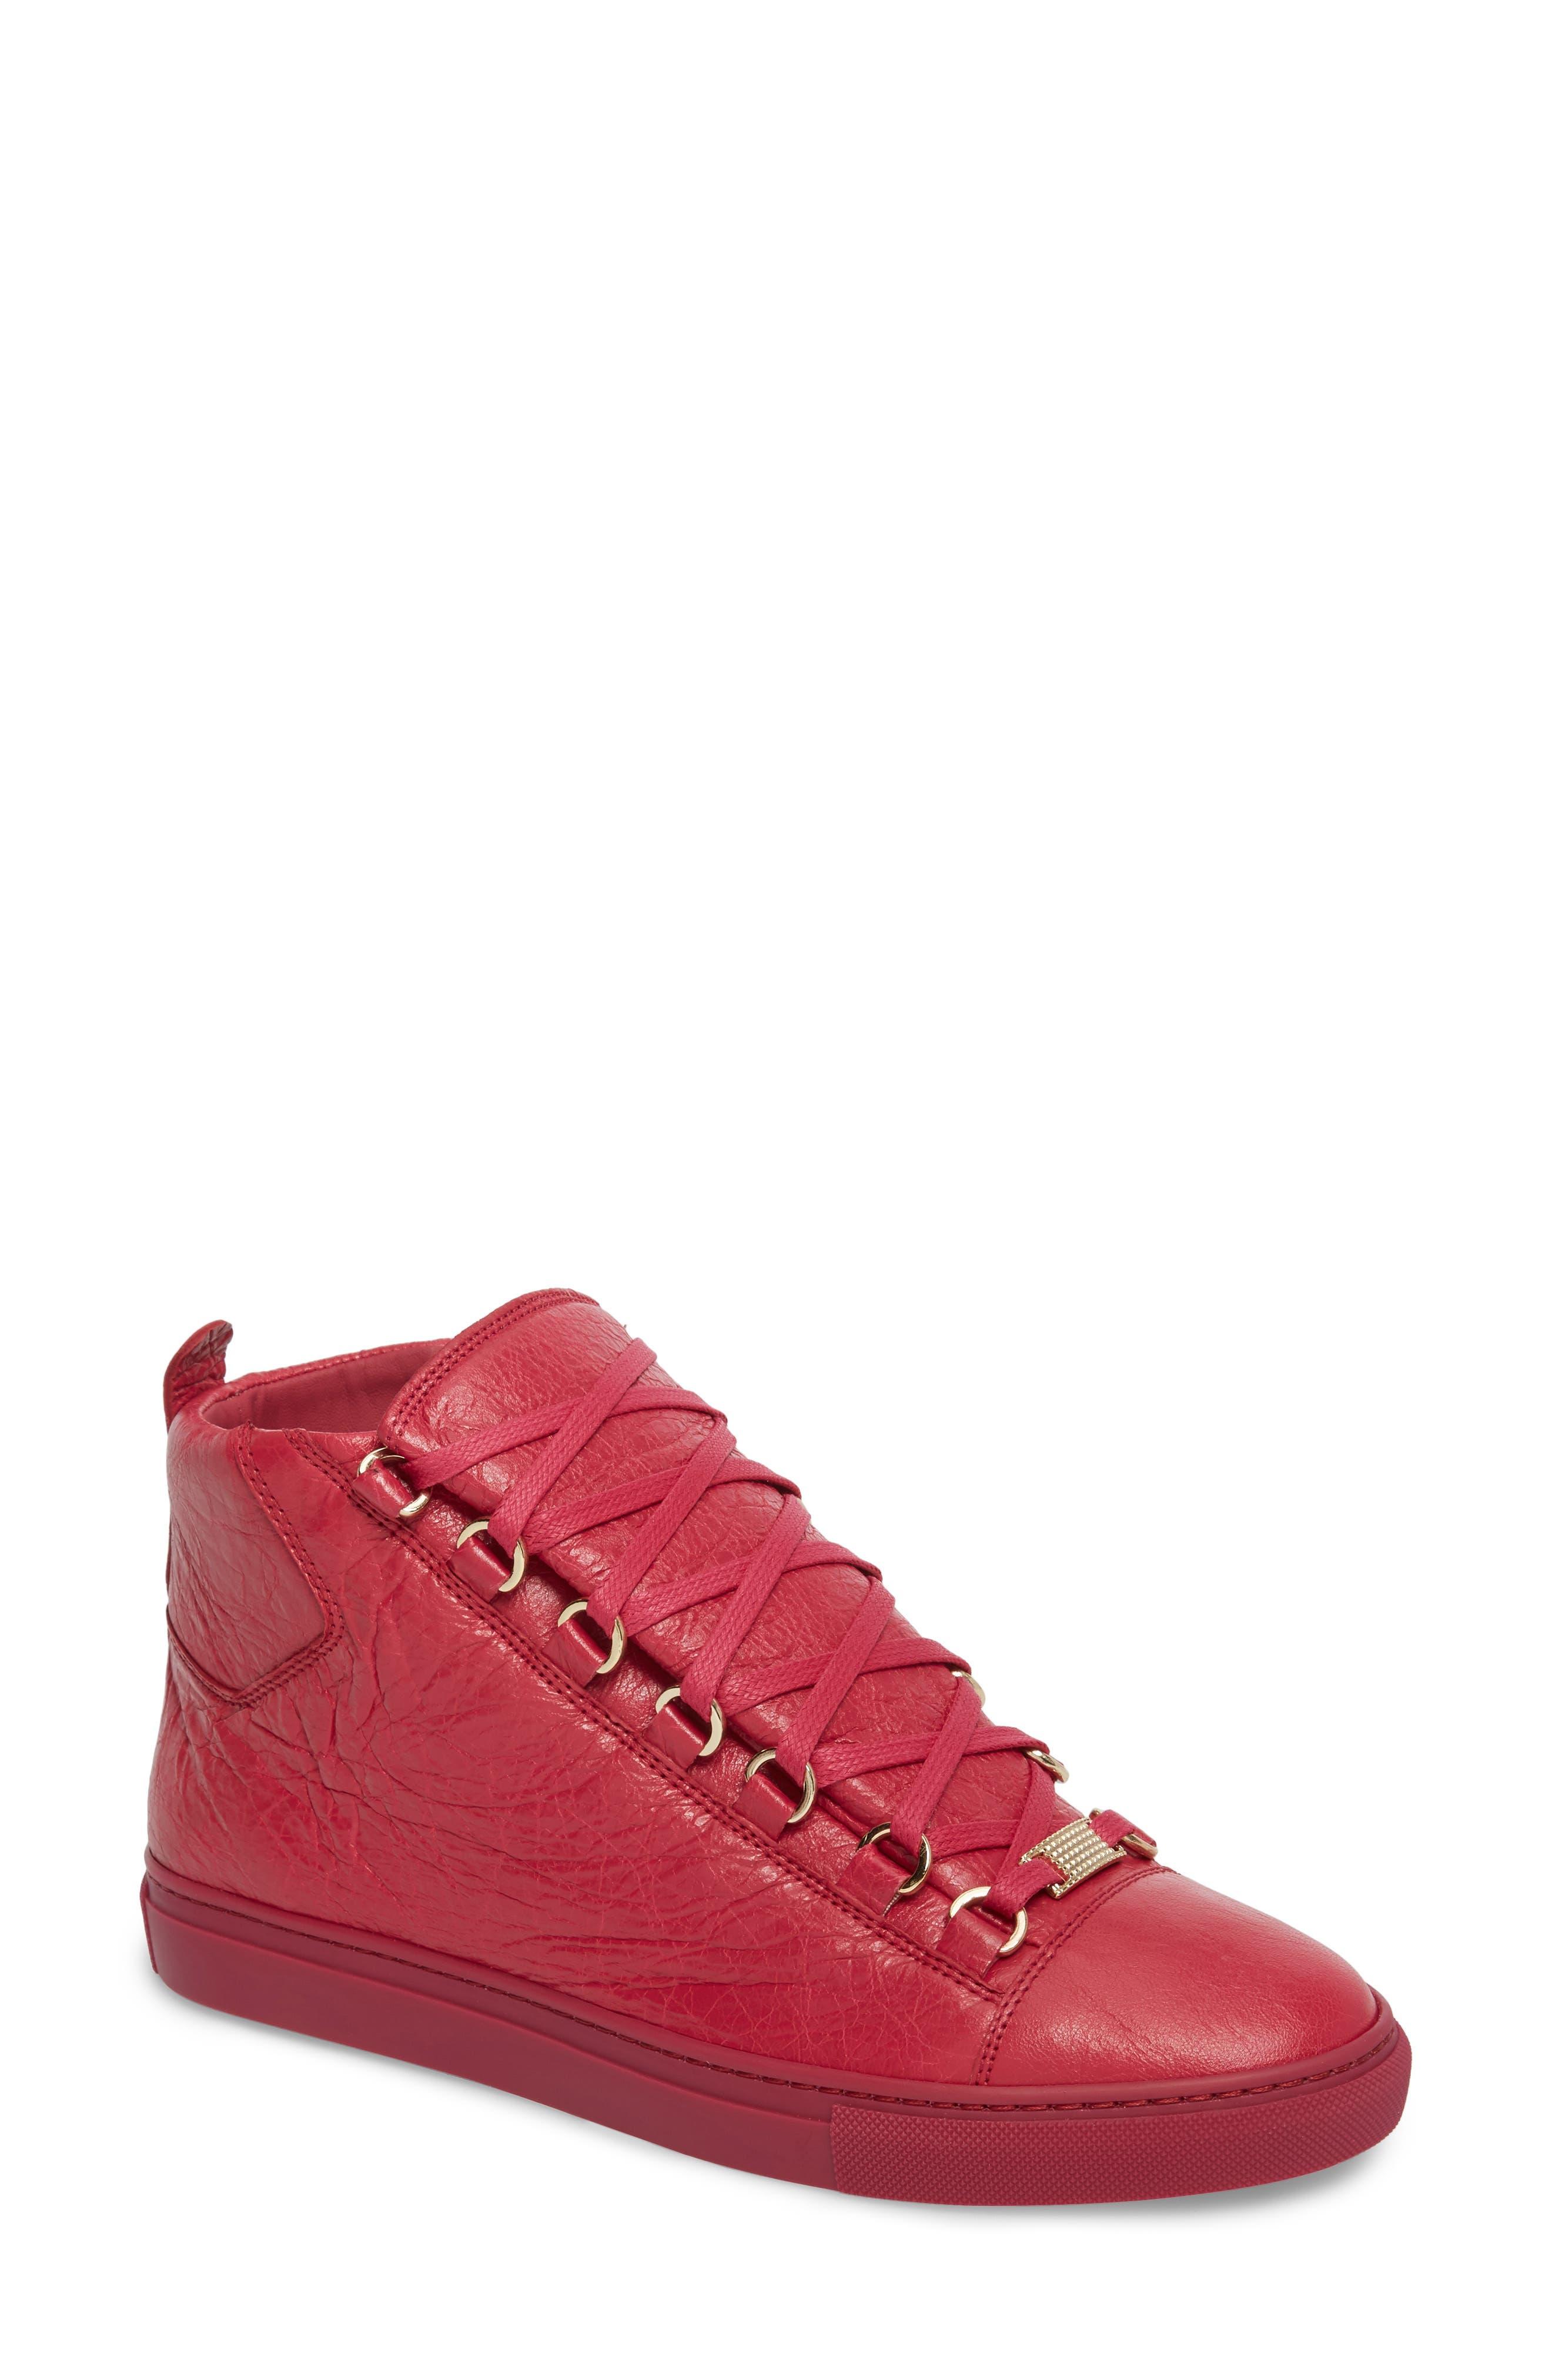 BALENCIAGA,                             High Top Sneaker,                             Main thumbnail 1, color,                             600